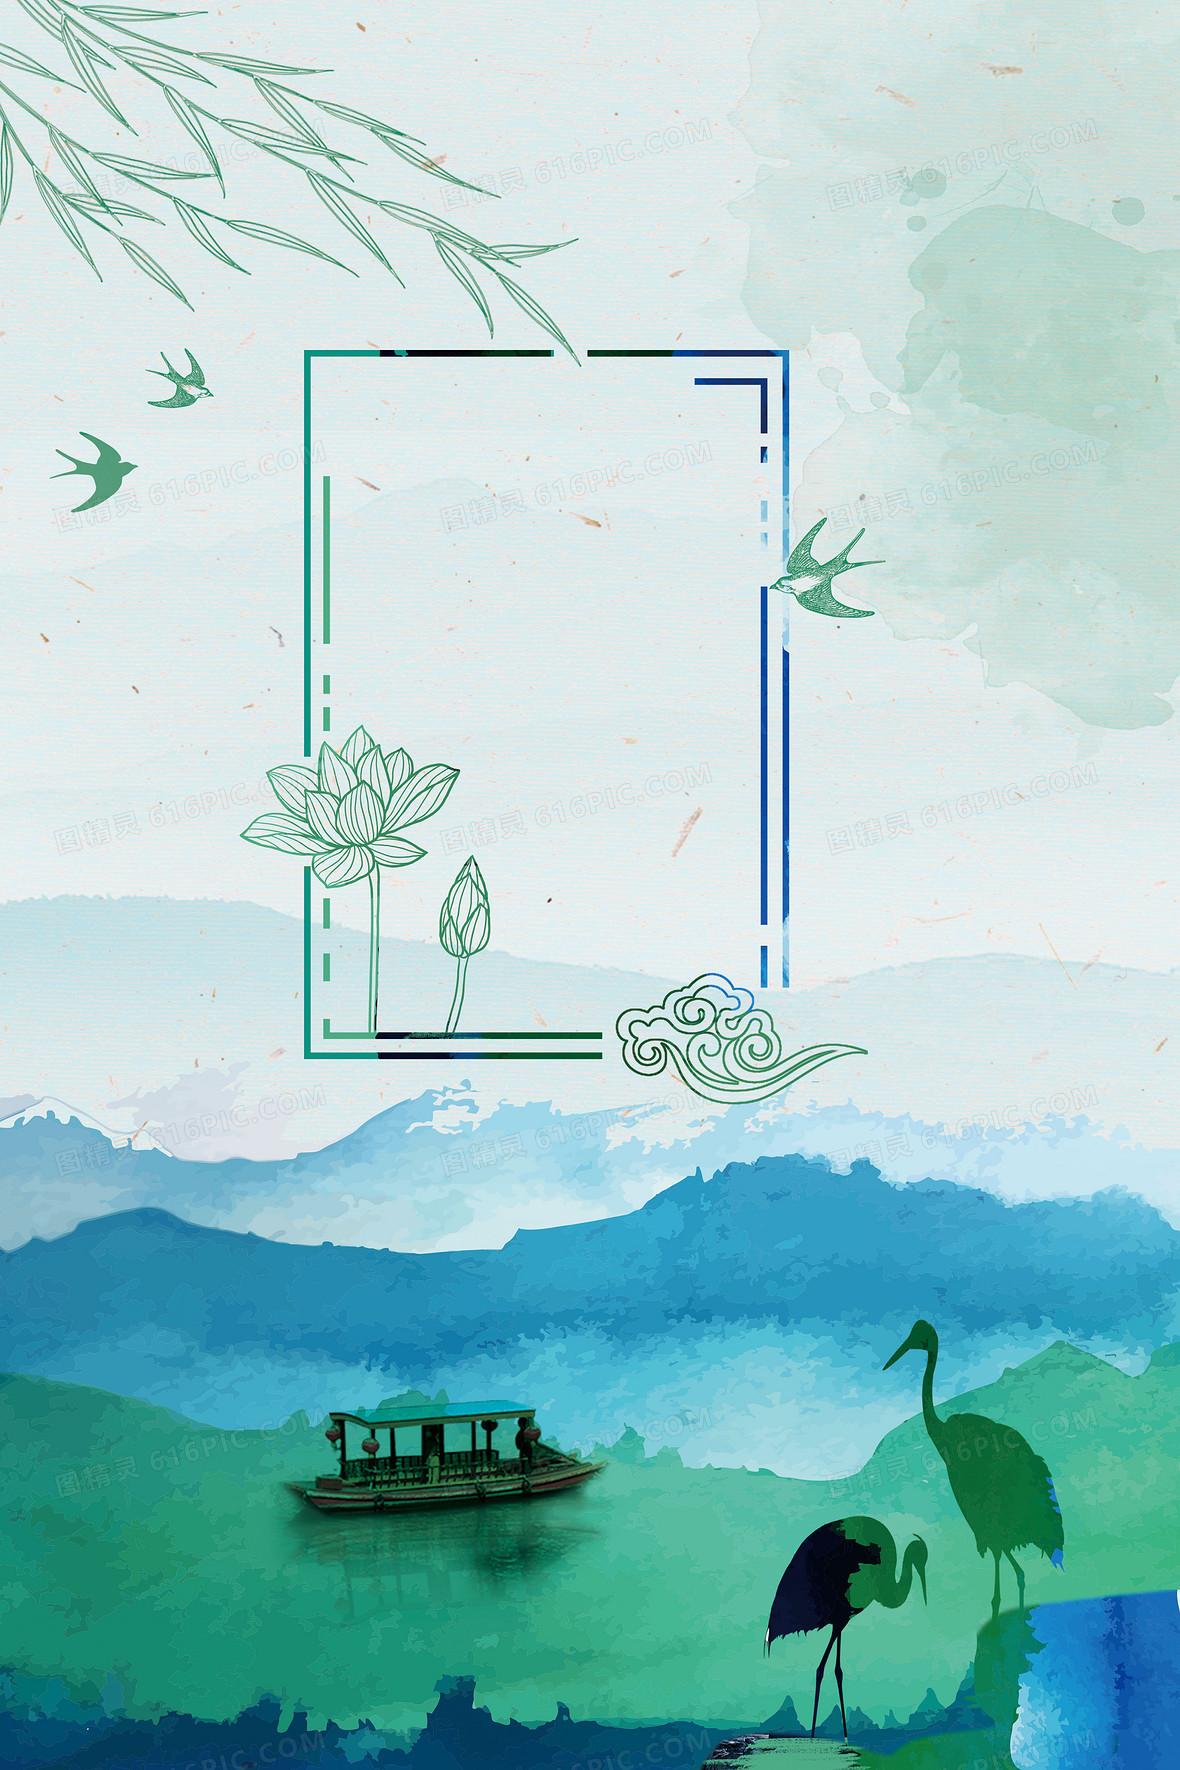 中国风水墨风景春天清明节背景素材